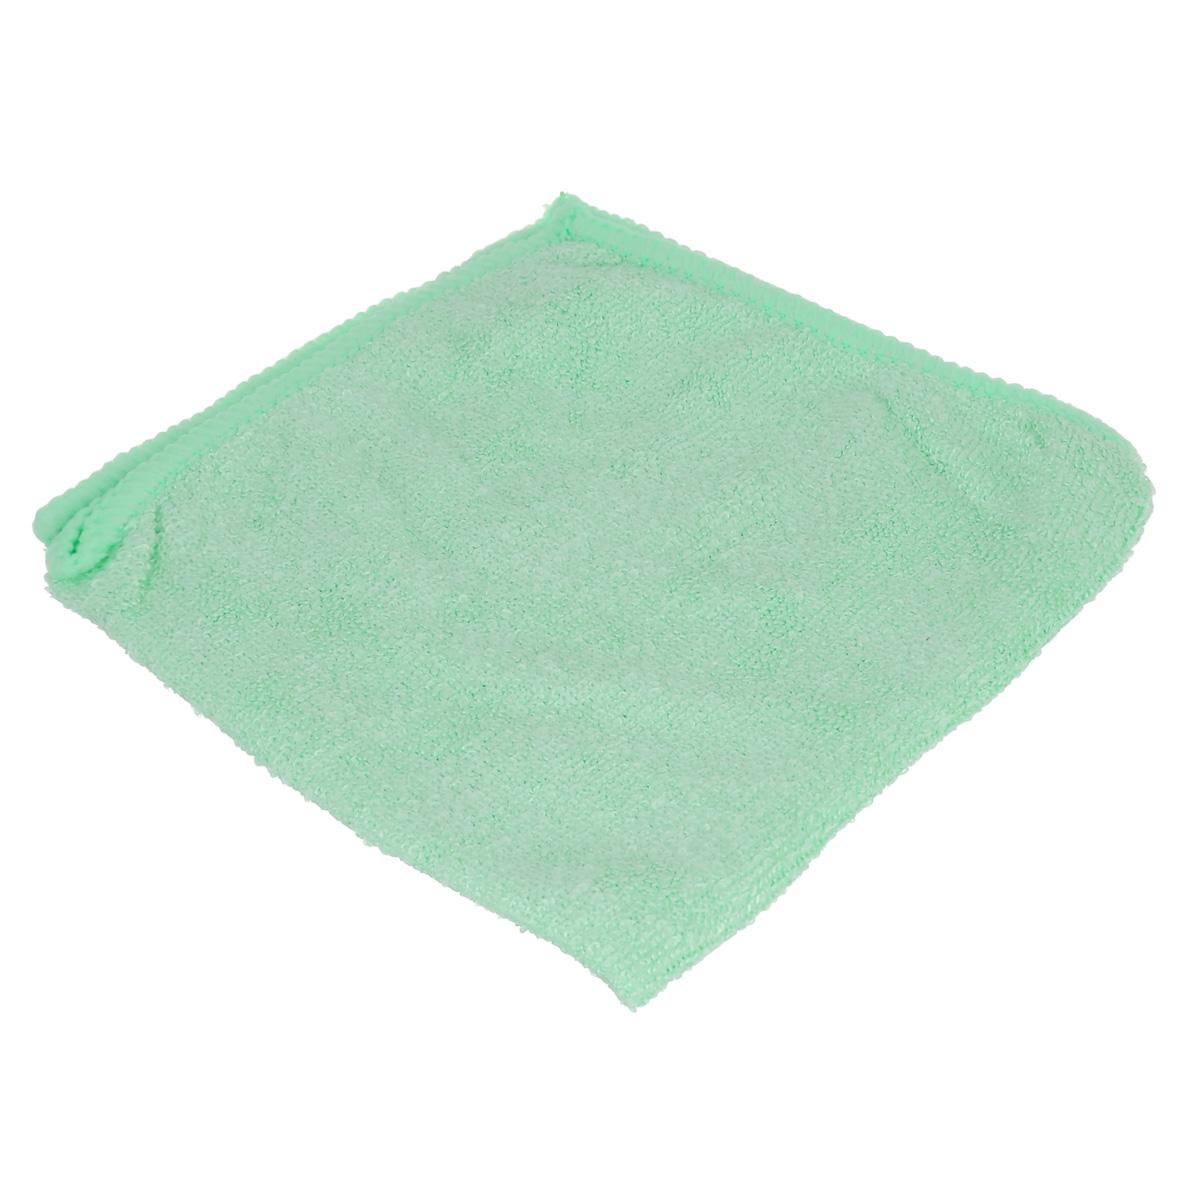 Салфетка для уборки Home Queen, цвет: салатовый, 30 х 30 см50304Салфетка Home Queen, изготовленная из полиамида и полиэфира, предназначена для очищения загрязнений на любых поверхностях. Изделие обладает высокой износоустойчивостью и рассчитано на многократное использование, легко моется в теплой воде с мягкими чистящими средствами. Супервпитывающая салфетка не оставляет разводов и ворсинок, удаляет большинство жирных и маслянистых загрязнений без использования химических средств. Размер салфетки: 30 см х 30 см.Материал: 30% полиамид, 70% полиэфир.